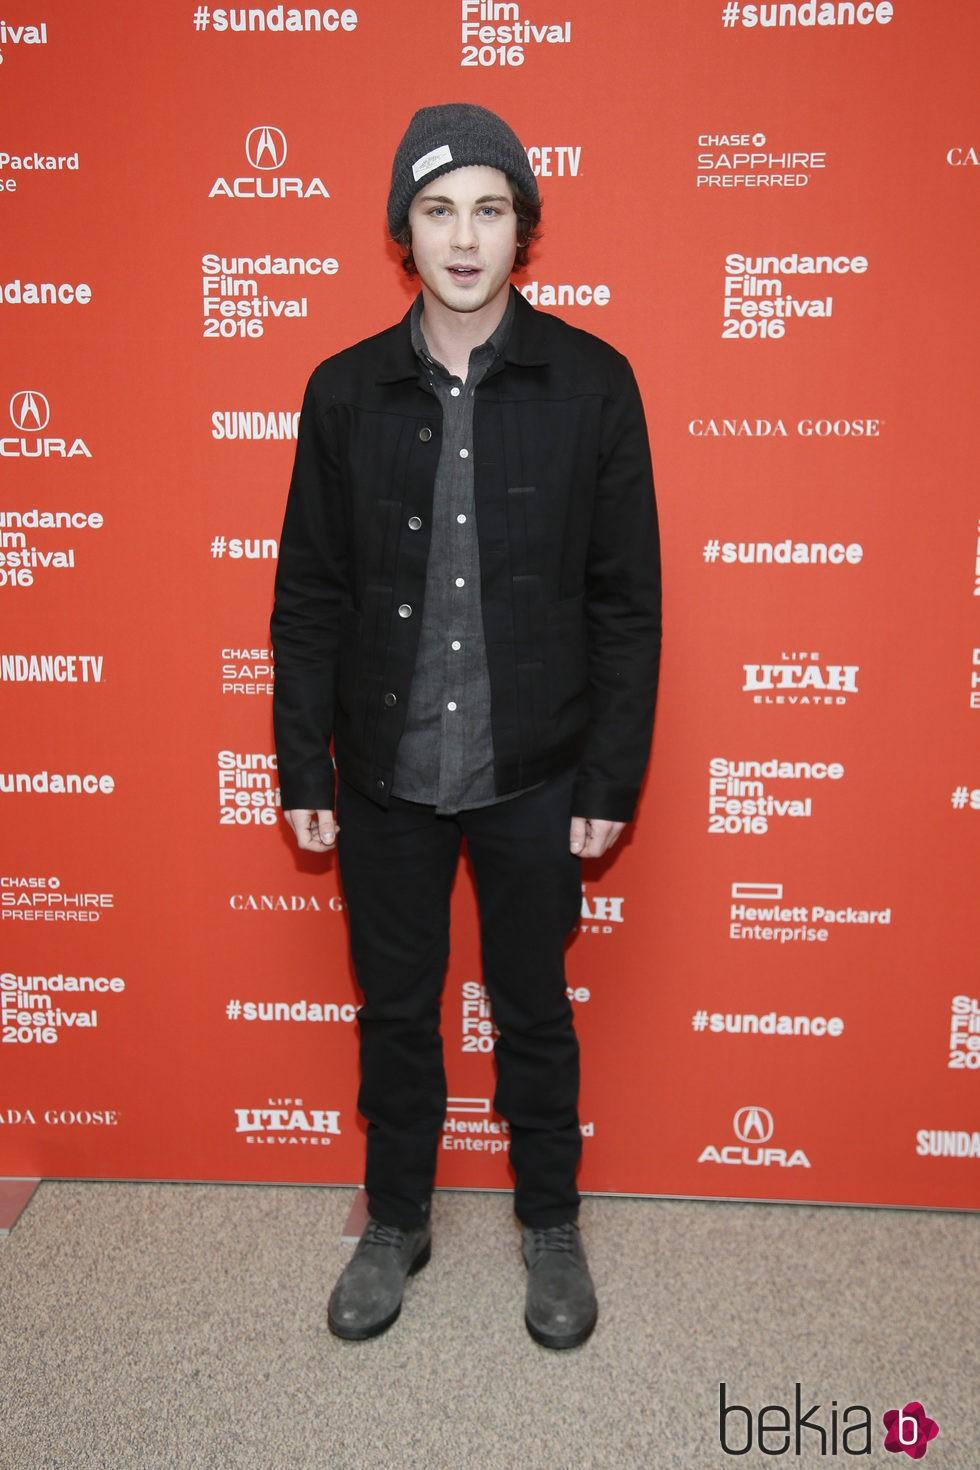 Logan Lerman en el Festival de Sundance 2016